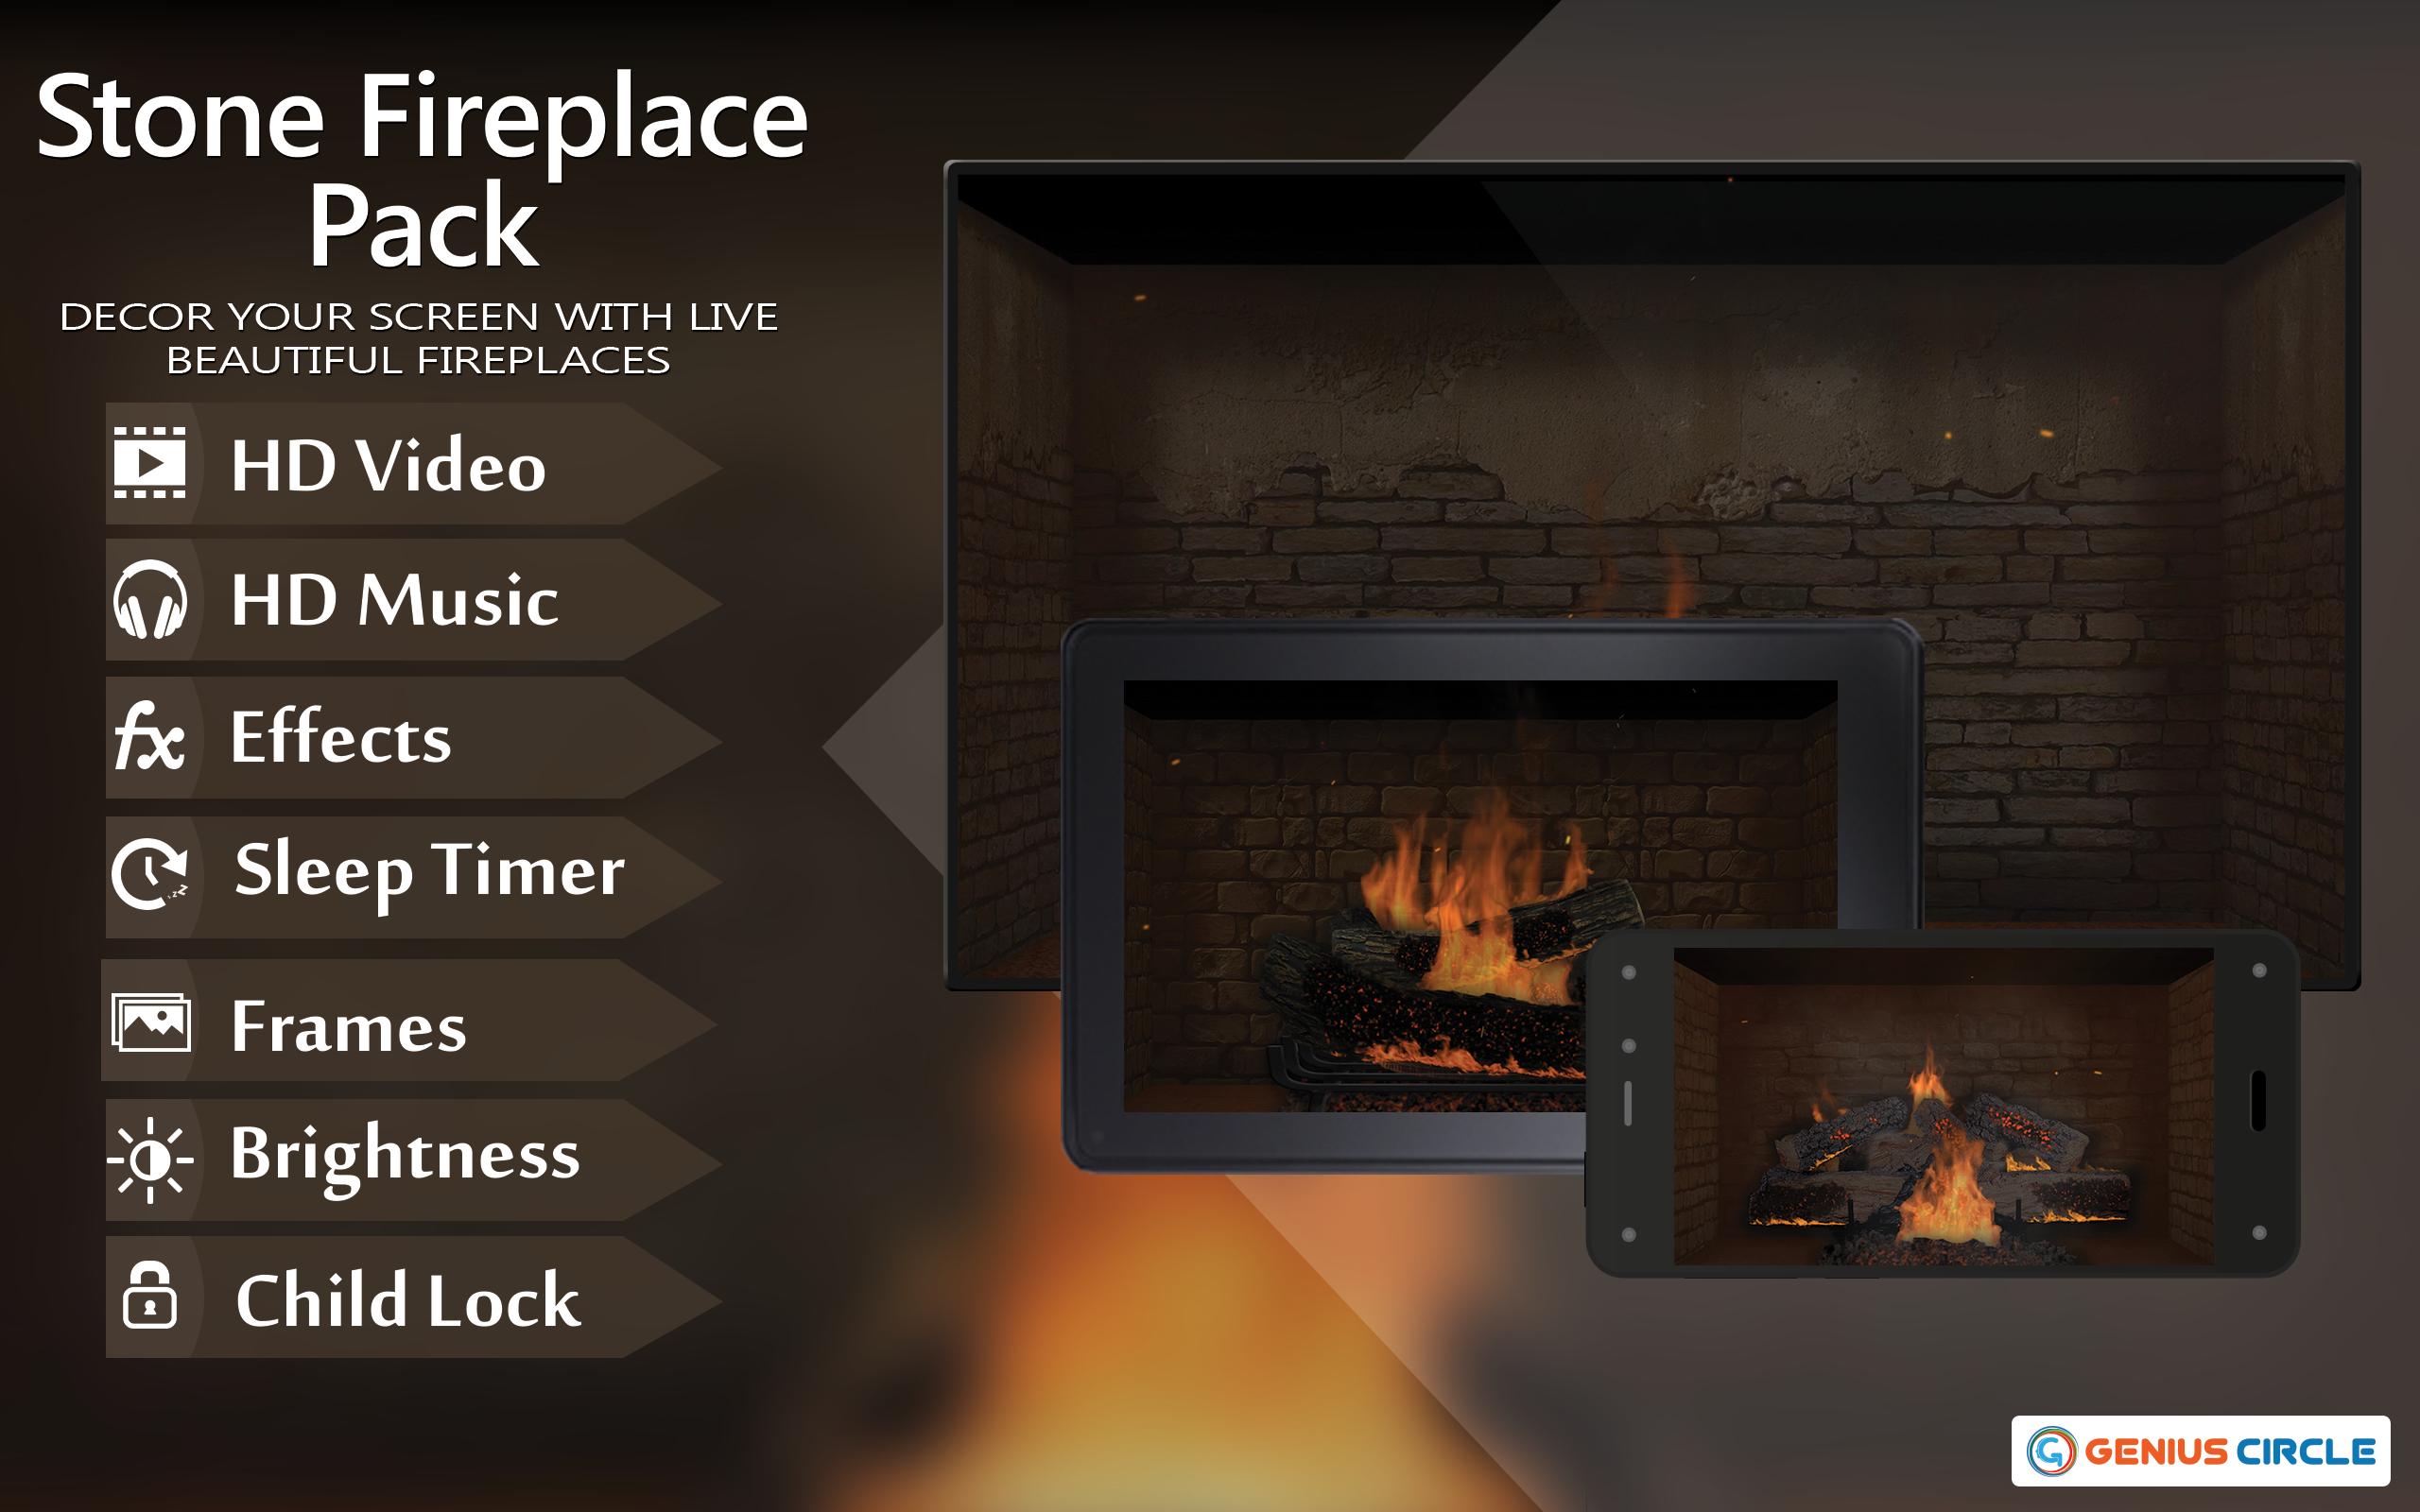 paquete de chimenea de piedra HD gratis: disfrute de las frías vacaciones de Navidad en invierno en su TV HDR 4K, TV 8K y dispositivos de fuego como fondo de pantalla, decoración